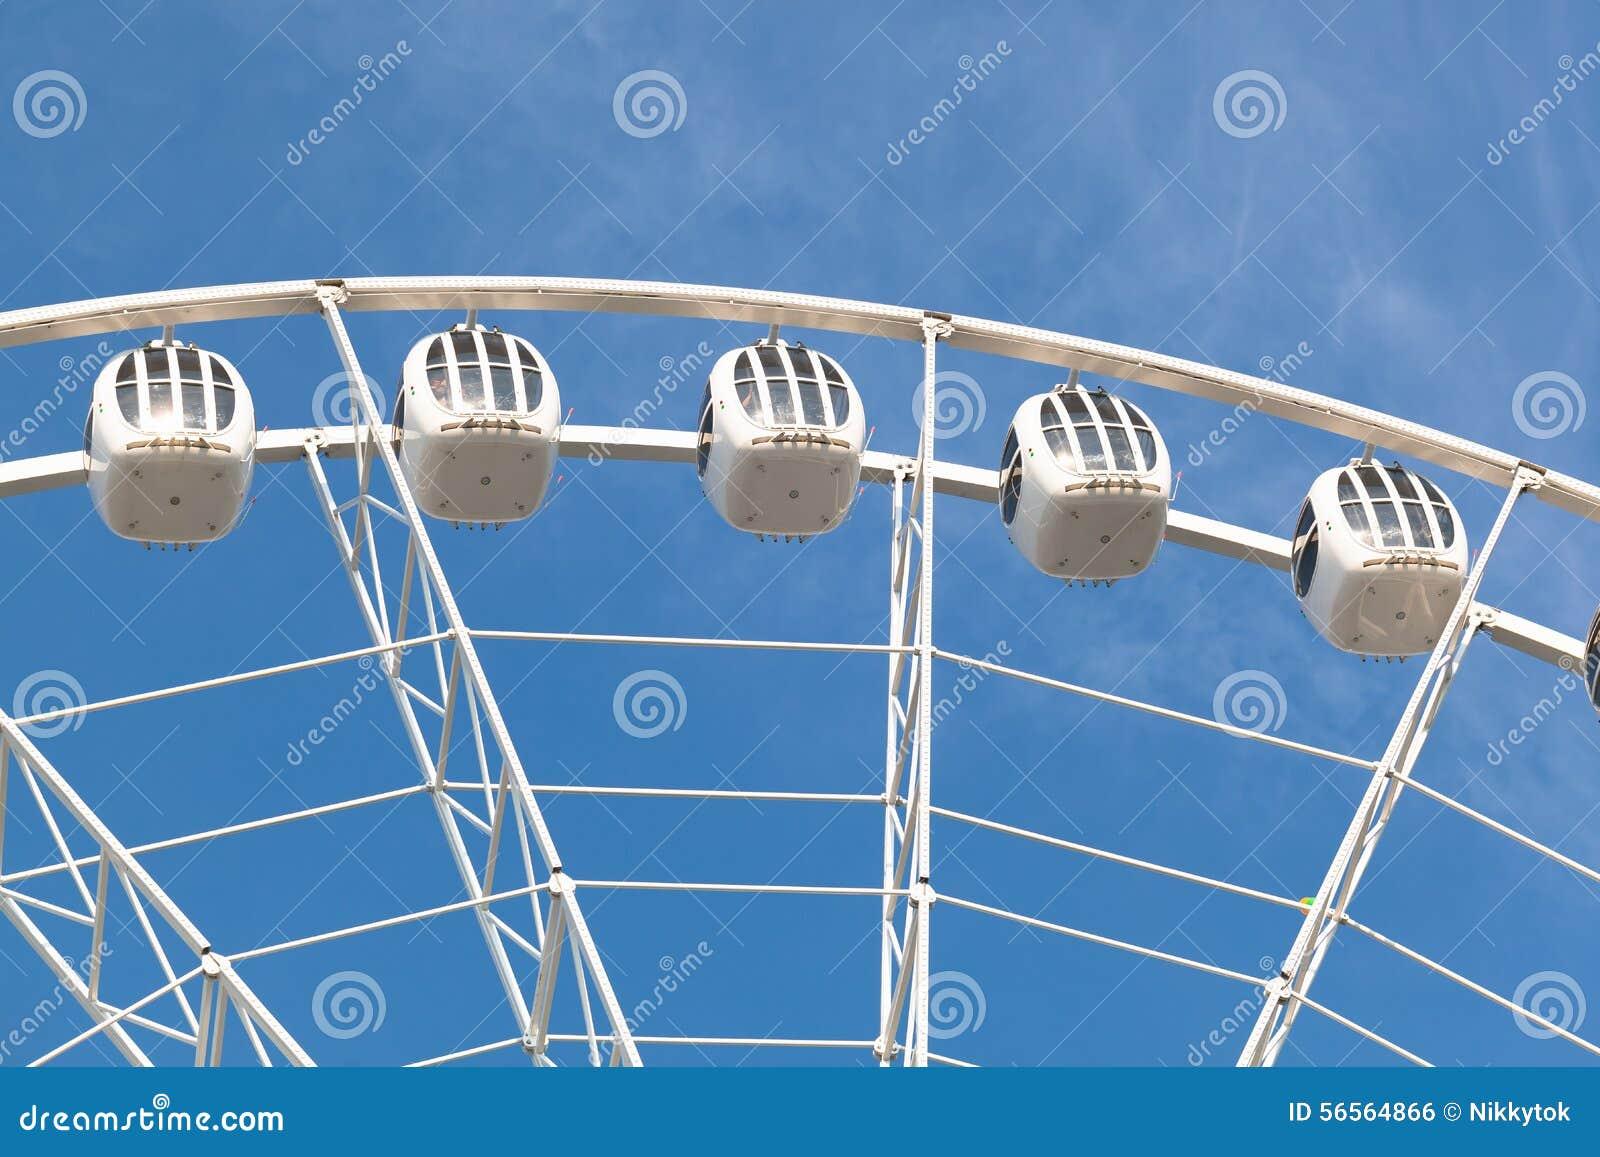 Download Μέρος της άσπρης ρόδας Ferris ενάντια στο μπλε ουρανό Στοκ Εικόνες - εικόνα από ημέρα, γύρος: 56564866